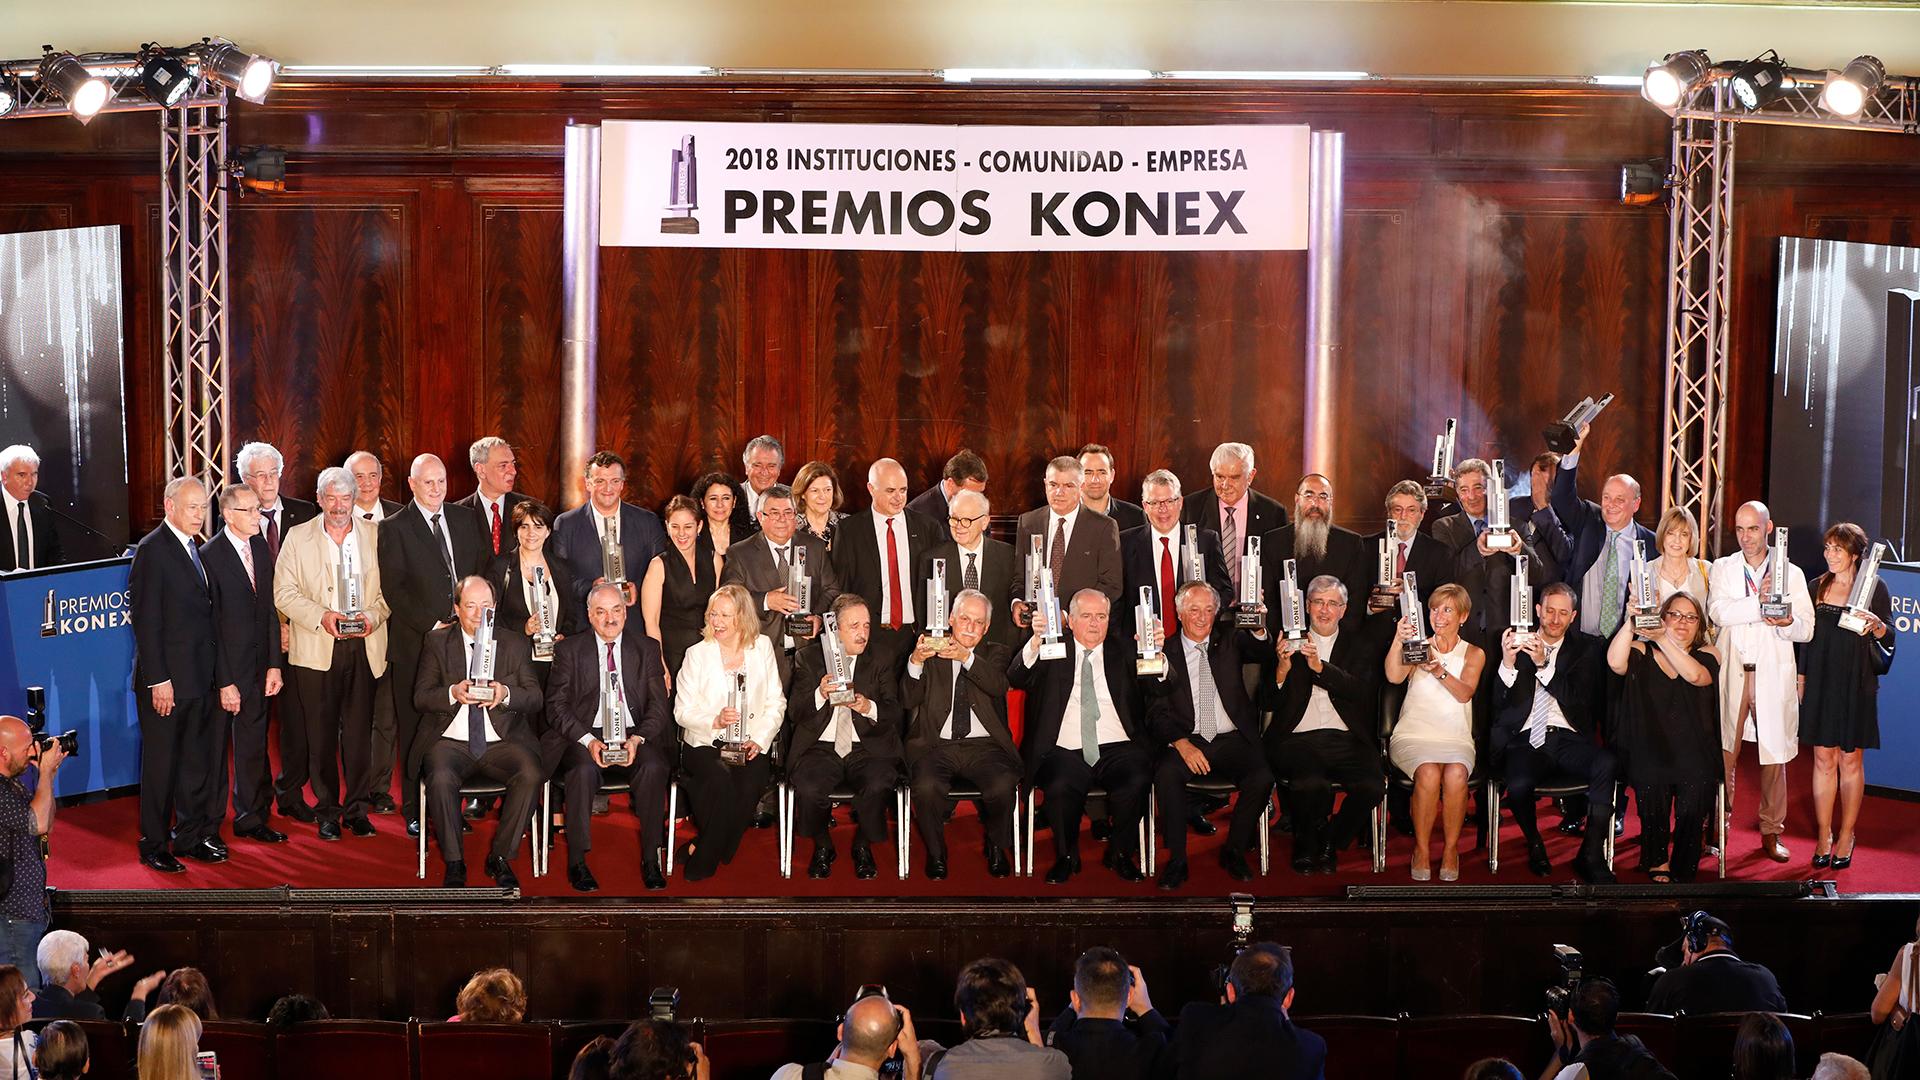 La foto grupal de los ganadores de los Premios Konex 2018 Instituciones- Comunidad – Empresa